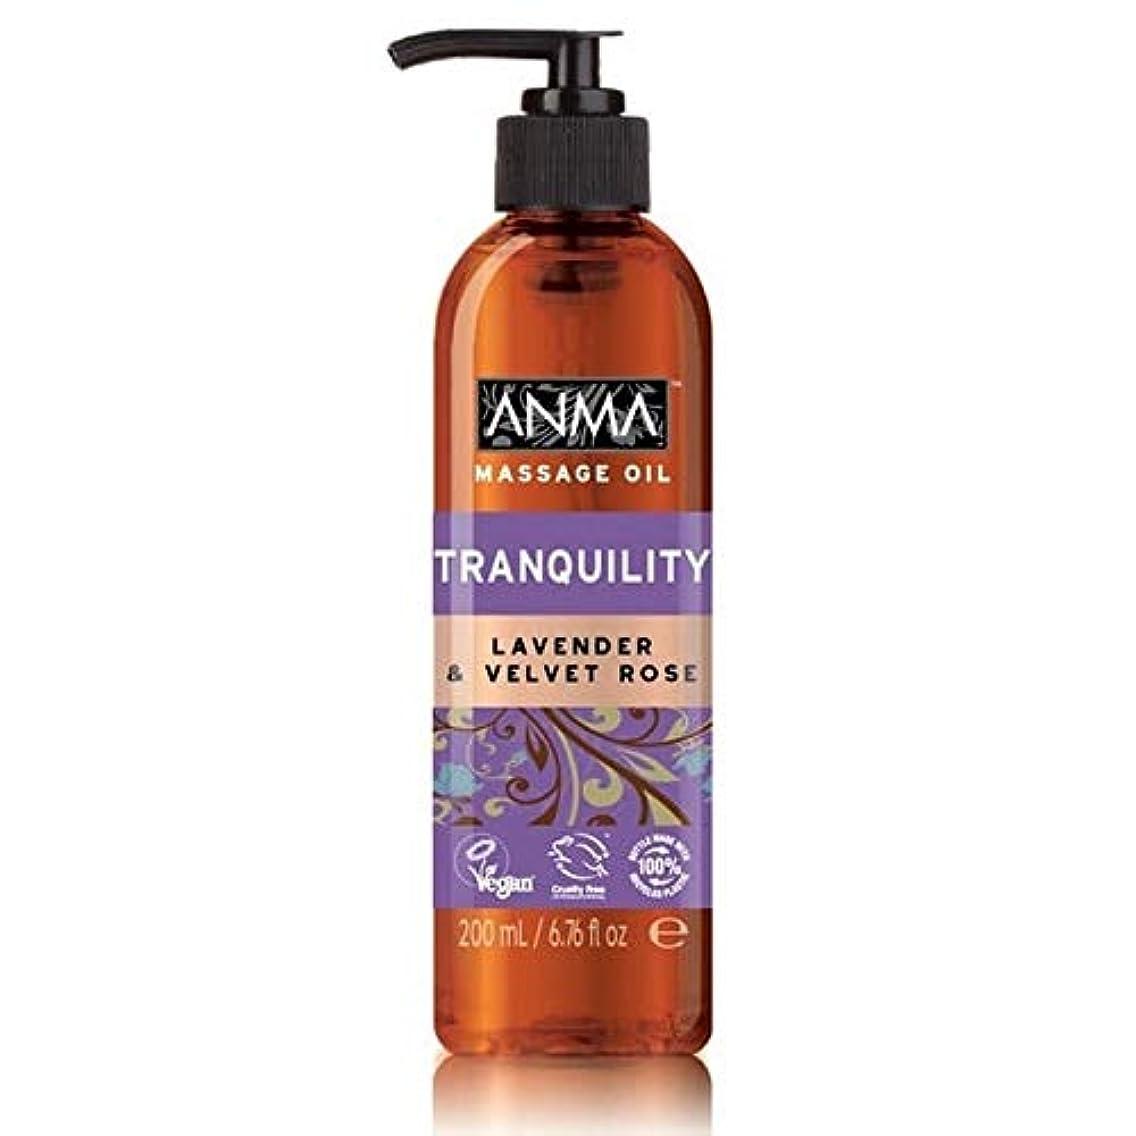 検索エンジン最適化極端な彫刻家[Anma ] あんまマッサージオイル静けさ - Anma Massage Oil Tranquility [並行輸入品]